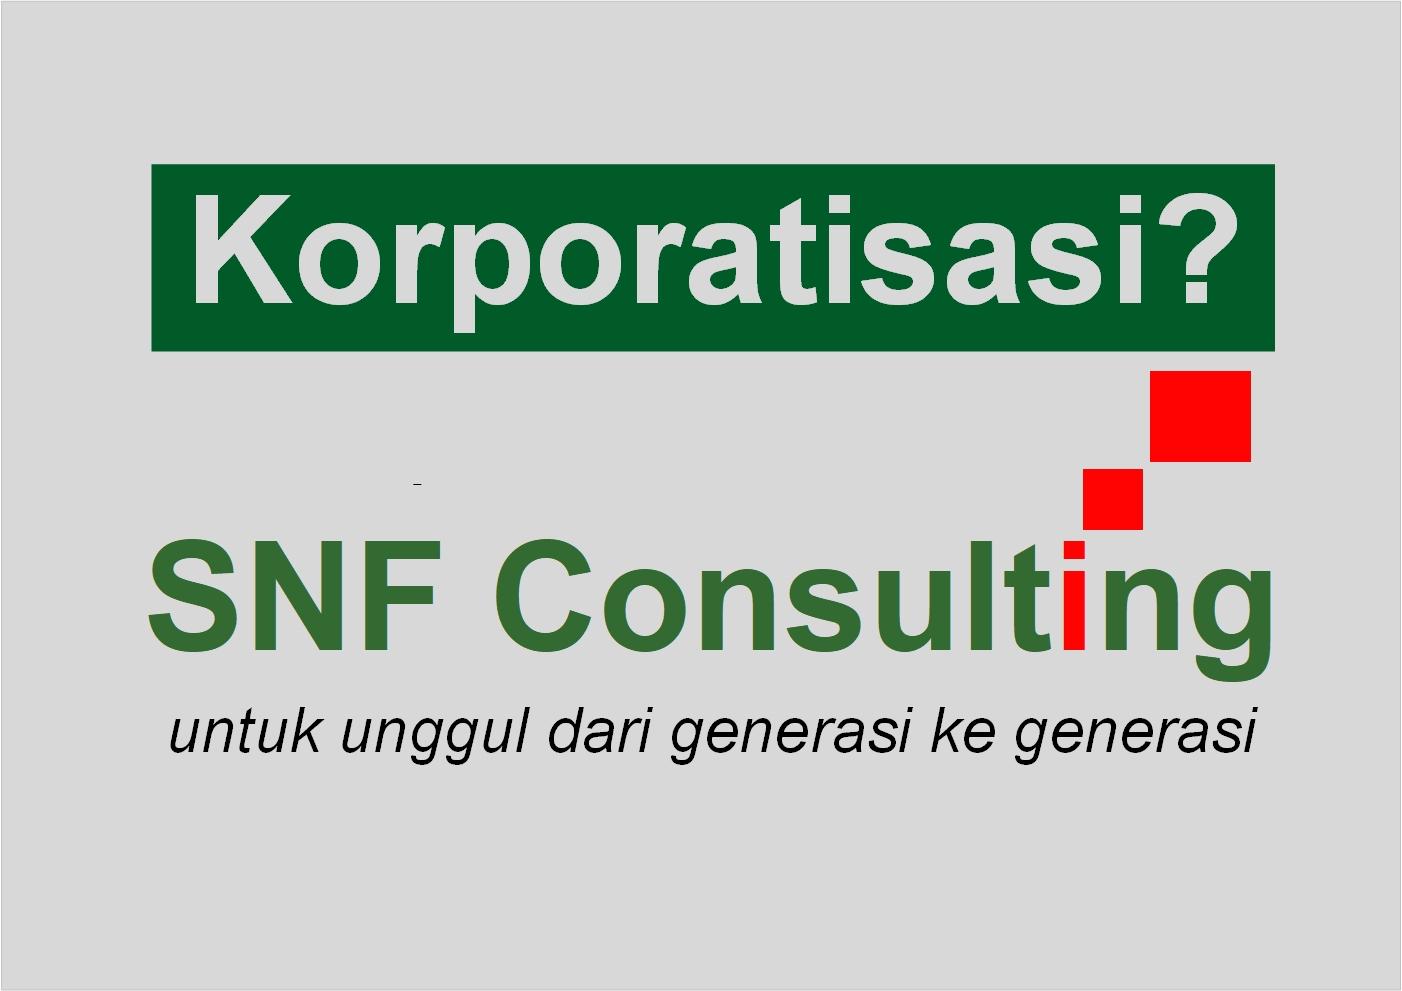 Logo SNF Consulting dengan tag line korporatisasi